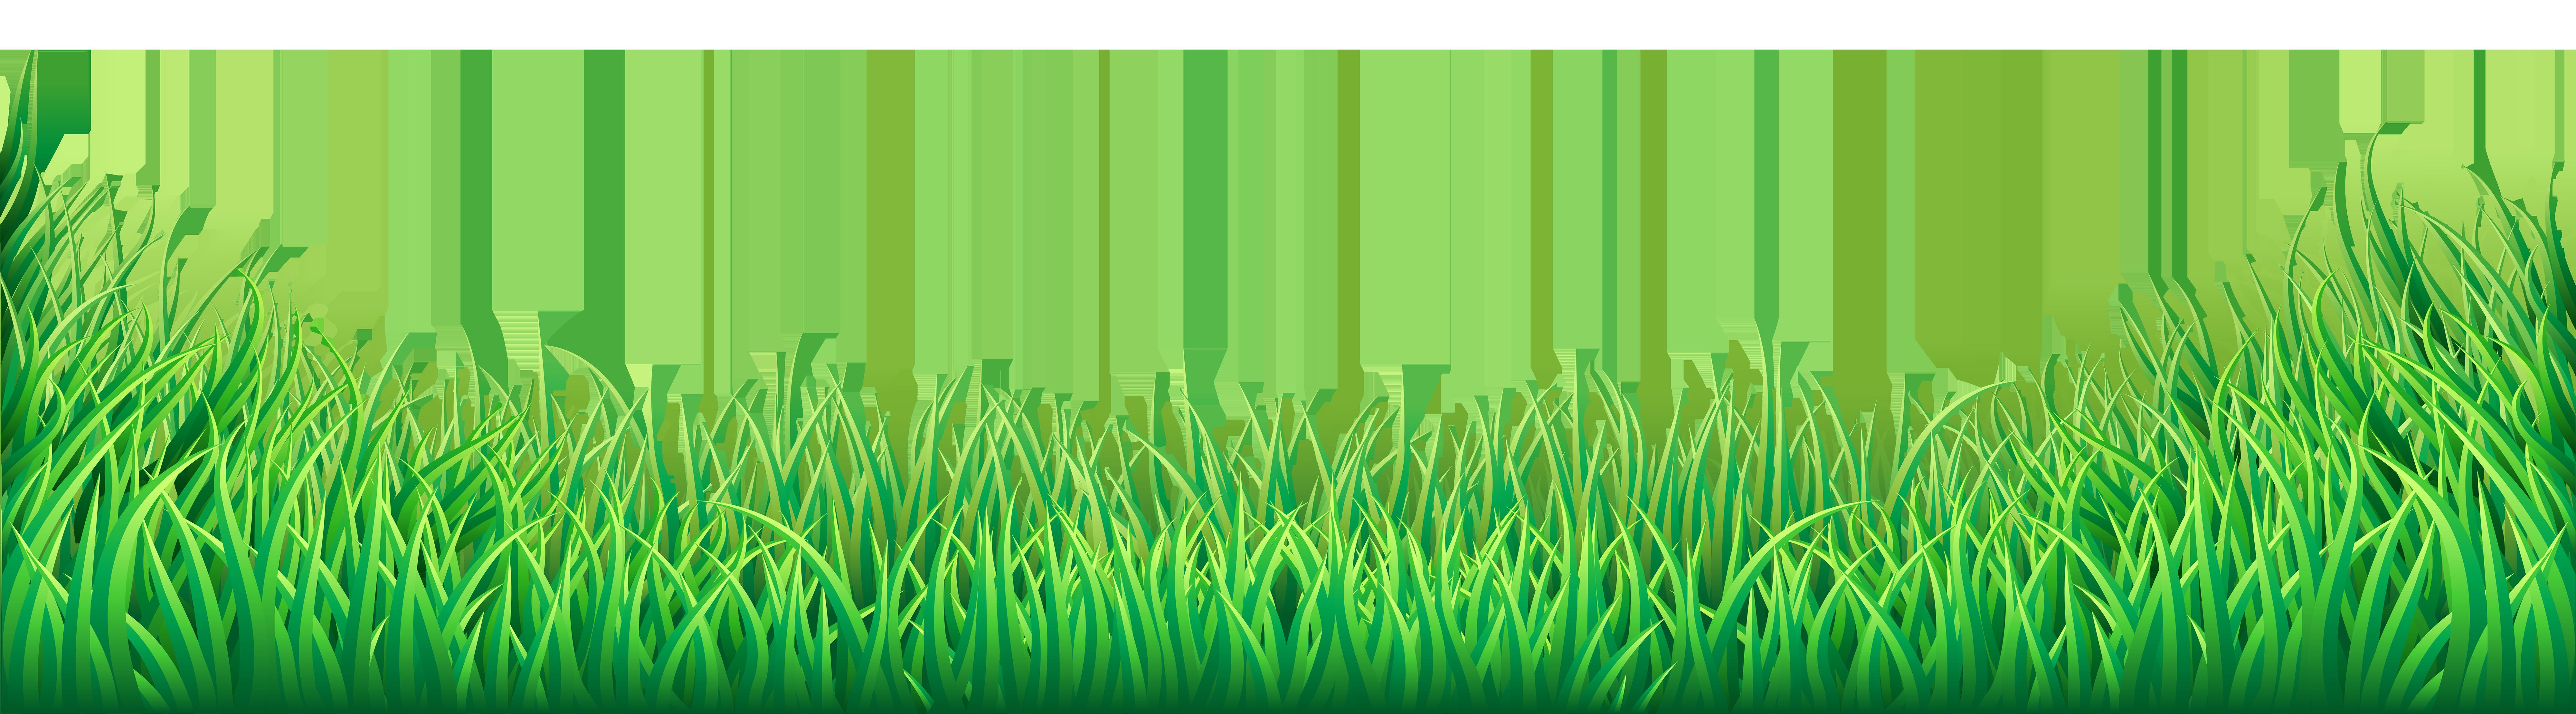 Grass png transparent clip. Clipart ocean flood